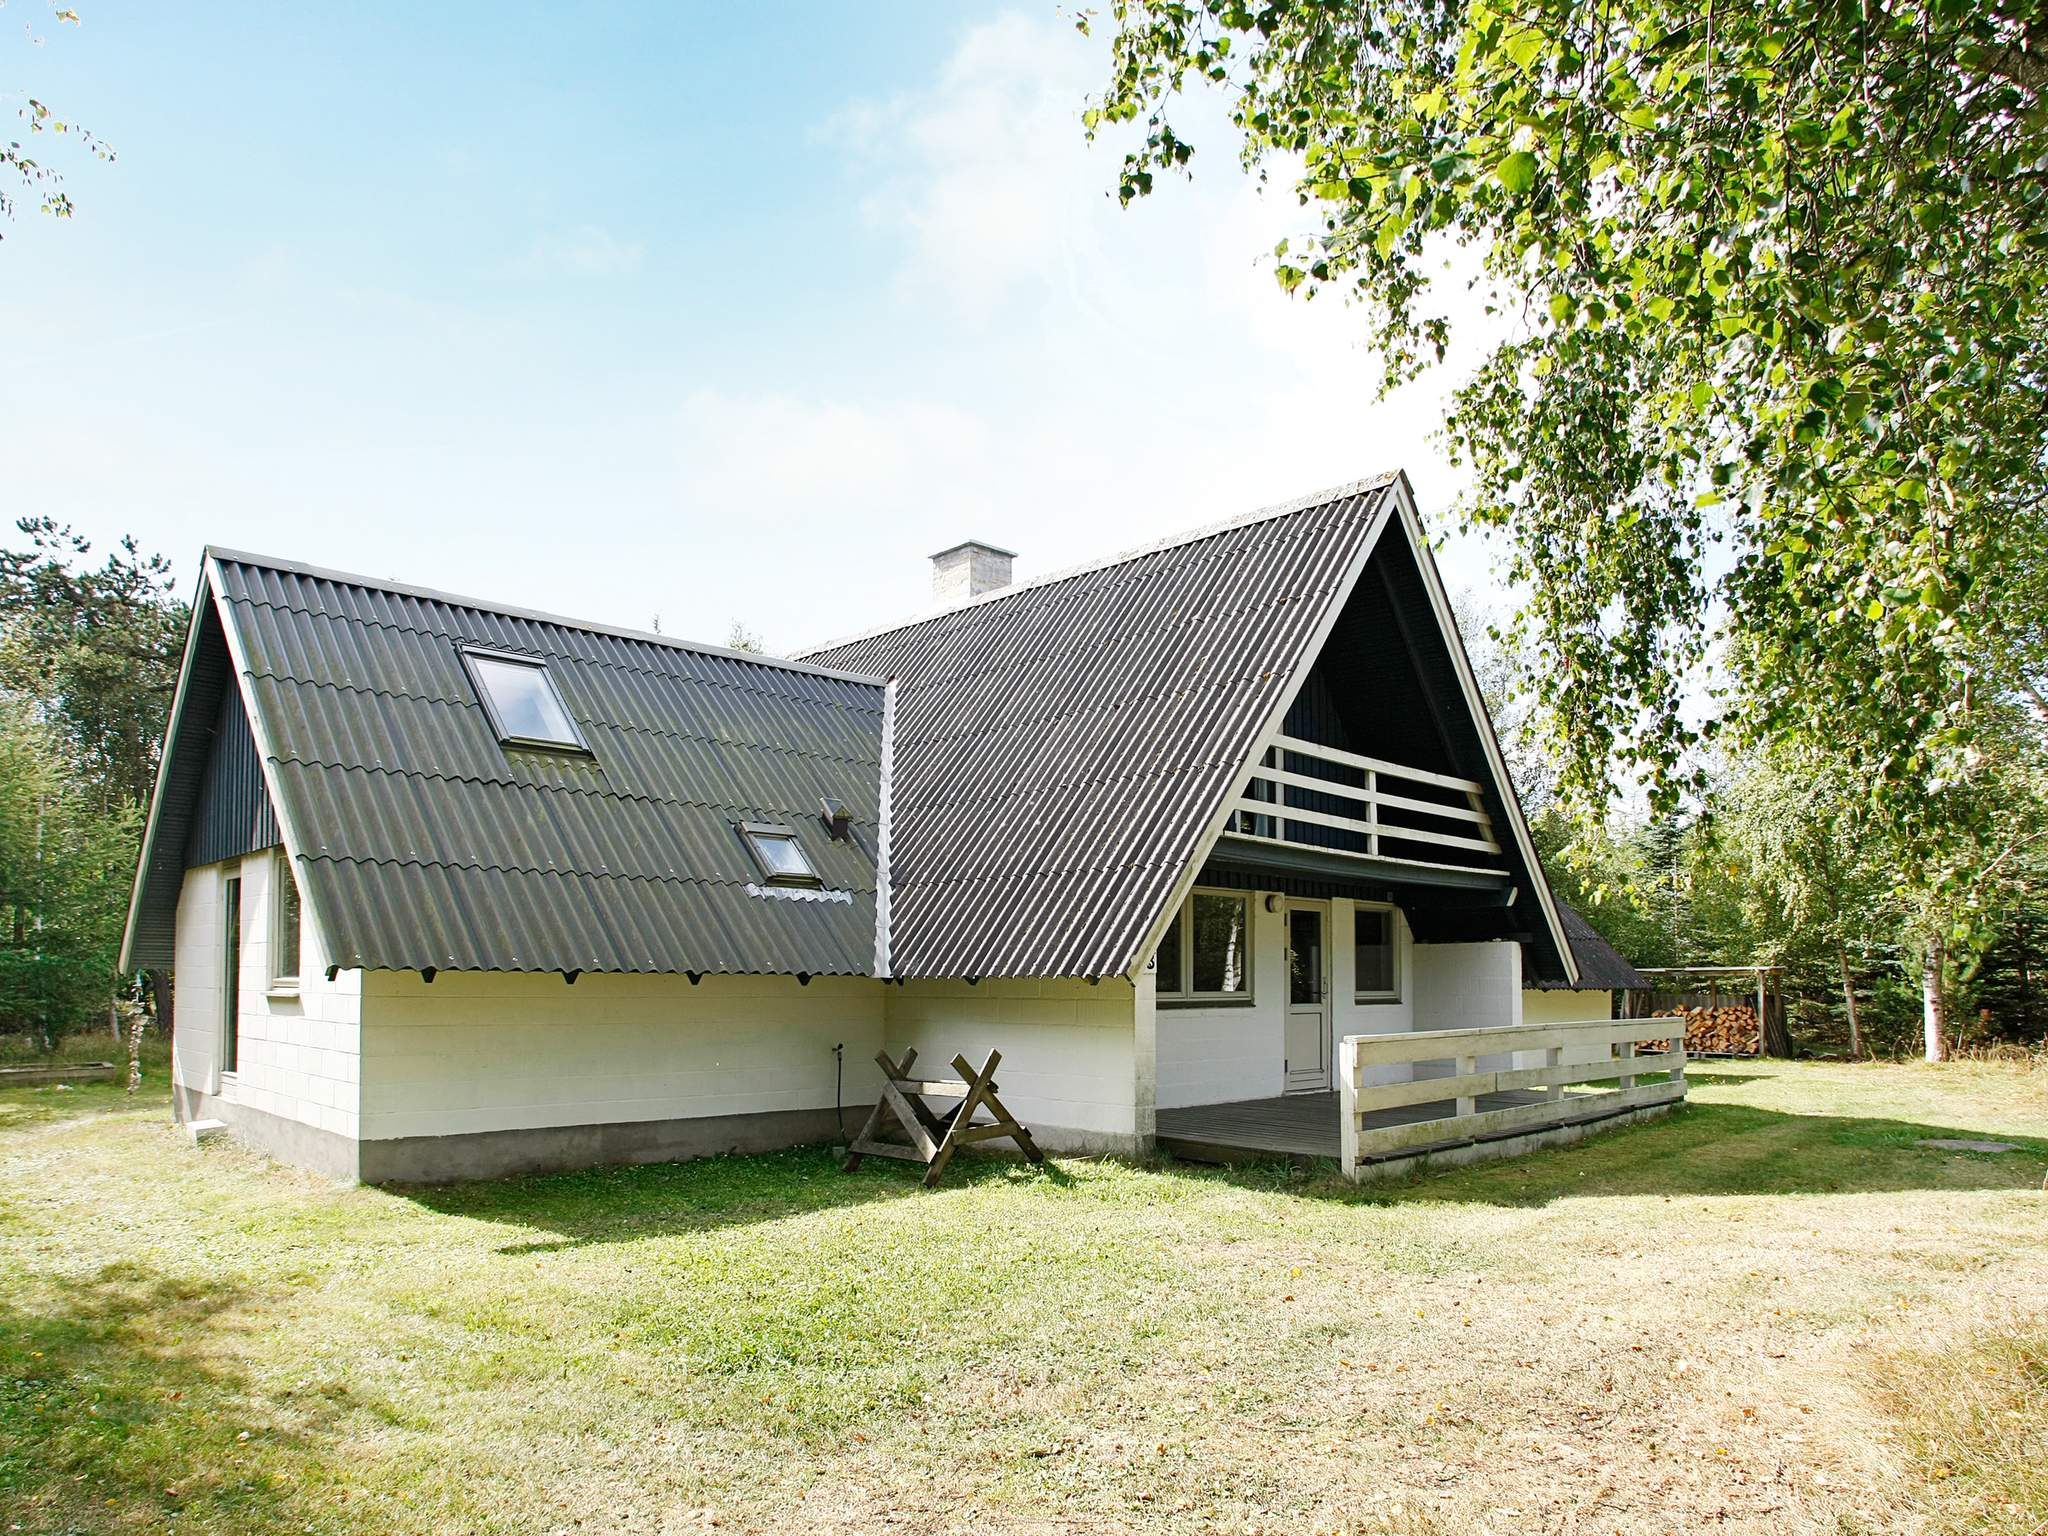 Ferienhaus Fur (83067), Fur, , Limfjord, Dänemark, Bild 11